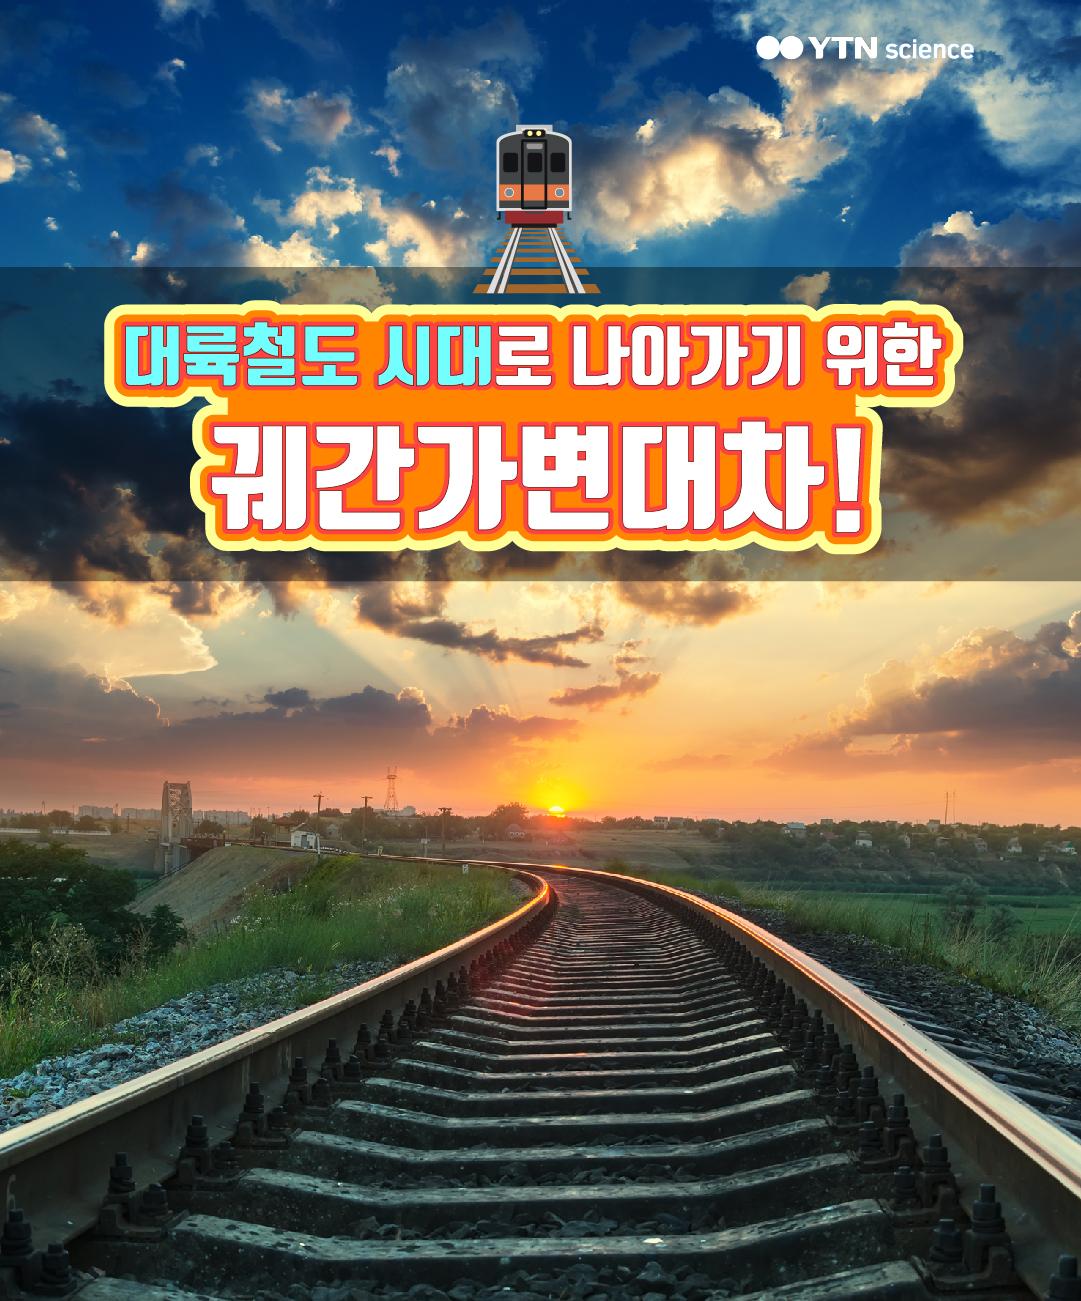 대륙철도 시대로 나아가기 위한 궤간가변대차! 이미지